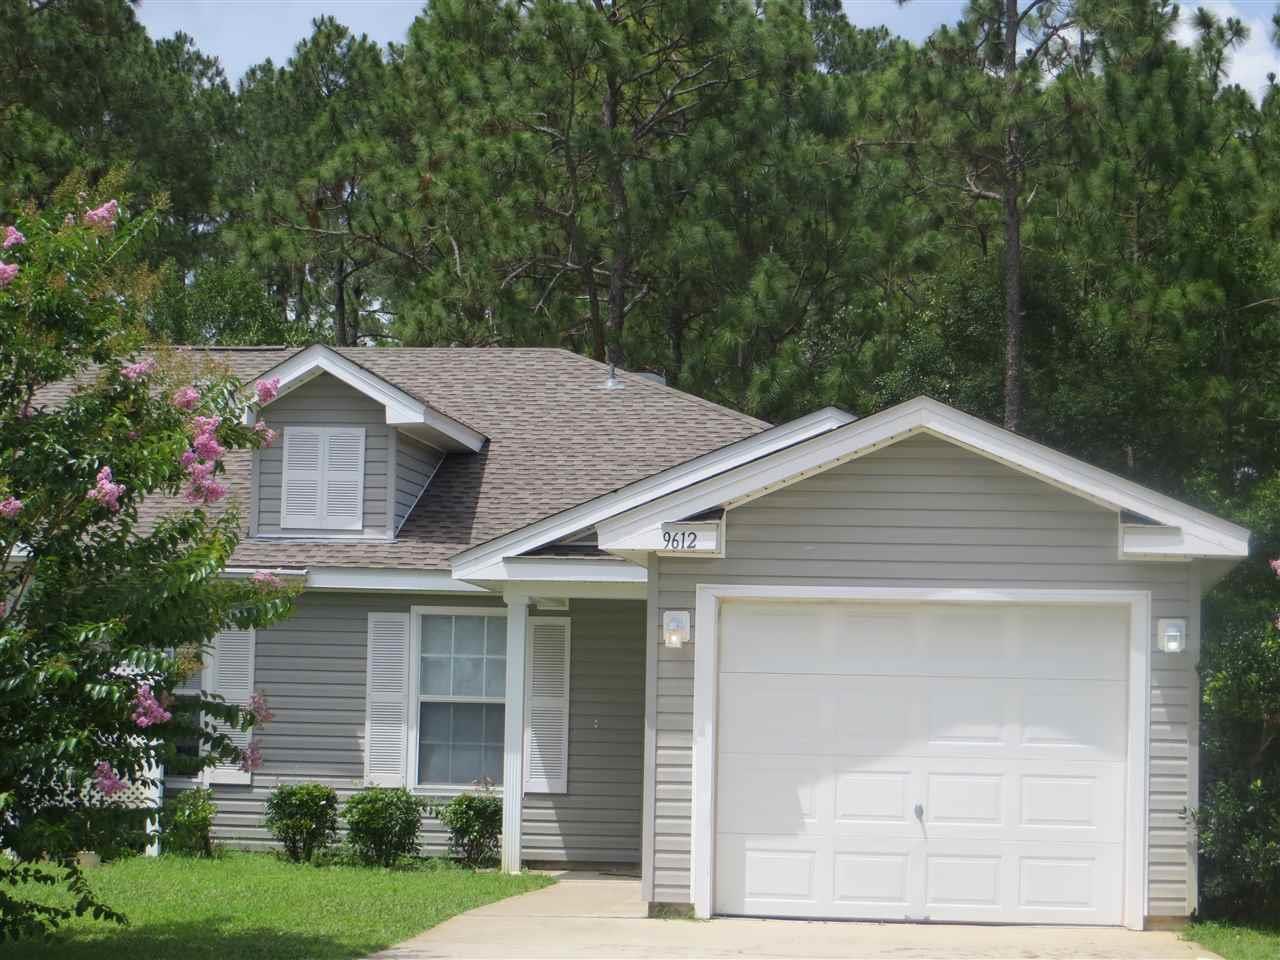 9612 Cobblebrook Dr, Pensacola, FL 32506